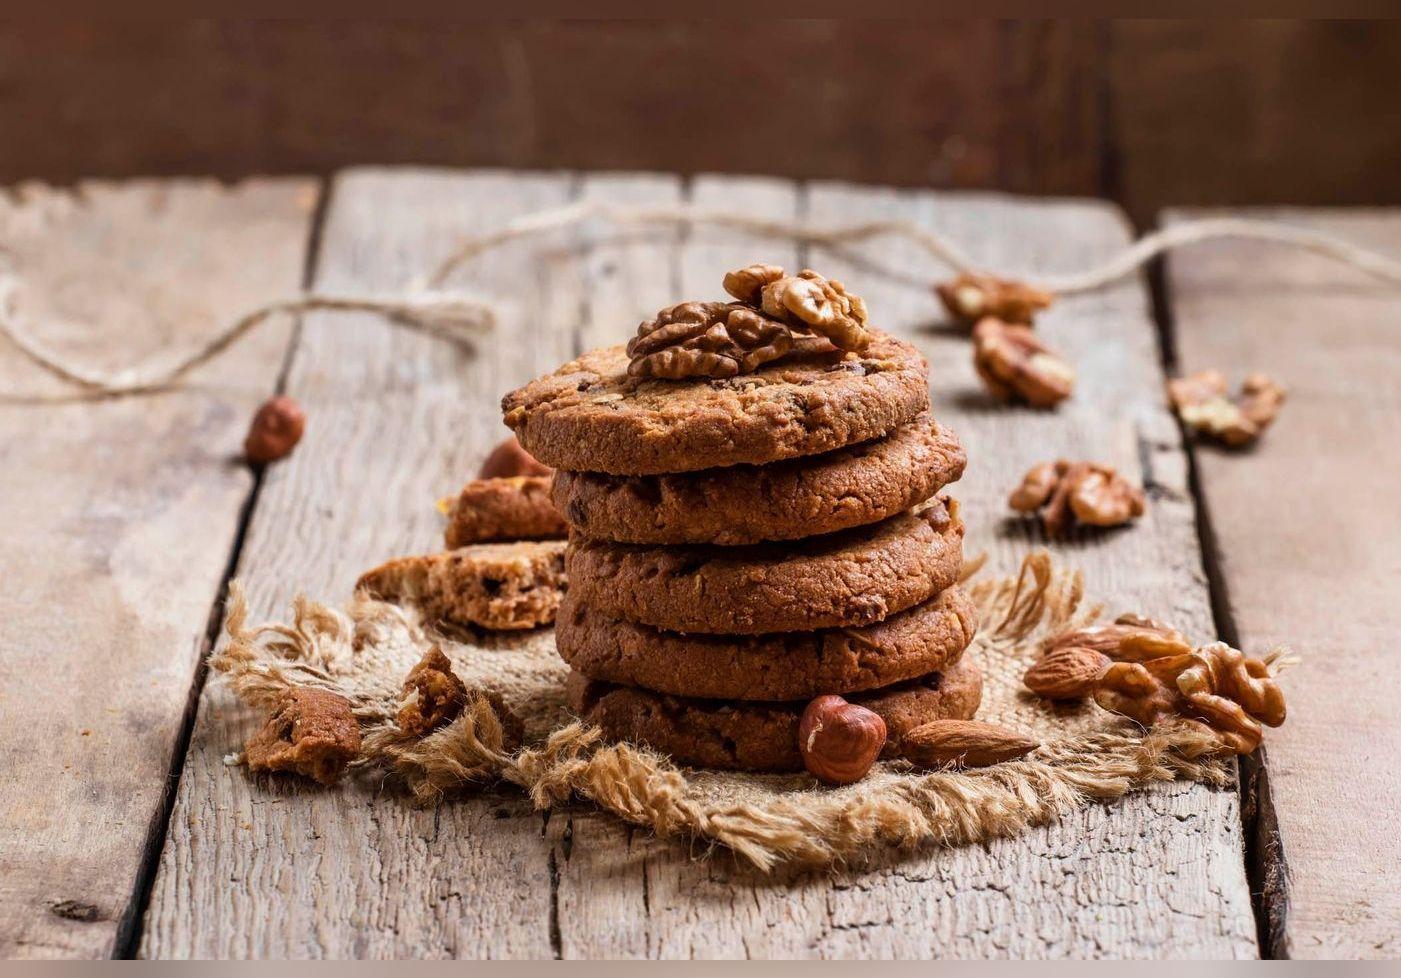 Cette recette de cookies aux noix va vous bluffer. Ils sont préparés avec 3 ingrédients et en seulement 10 min !